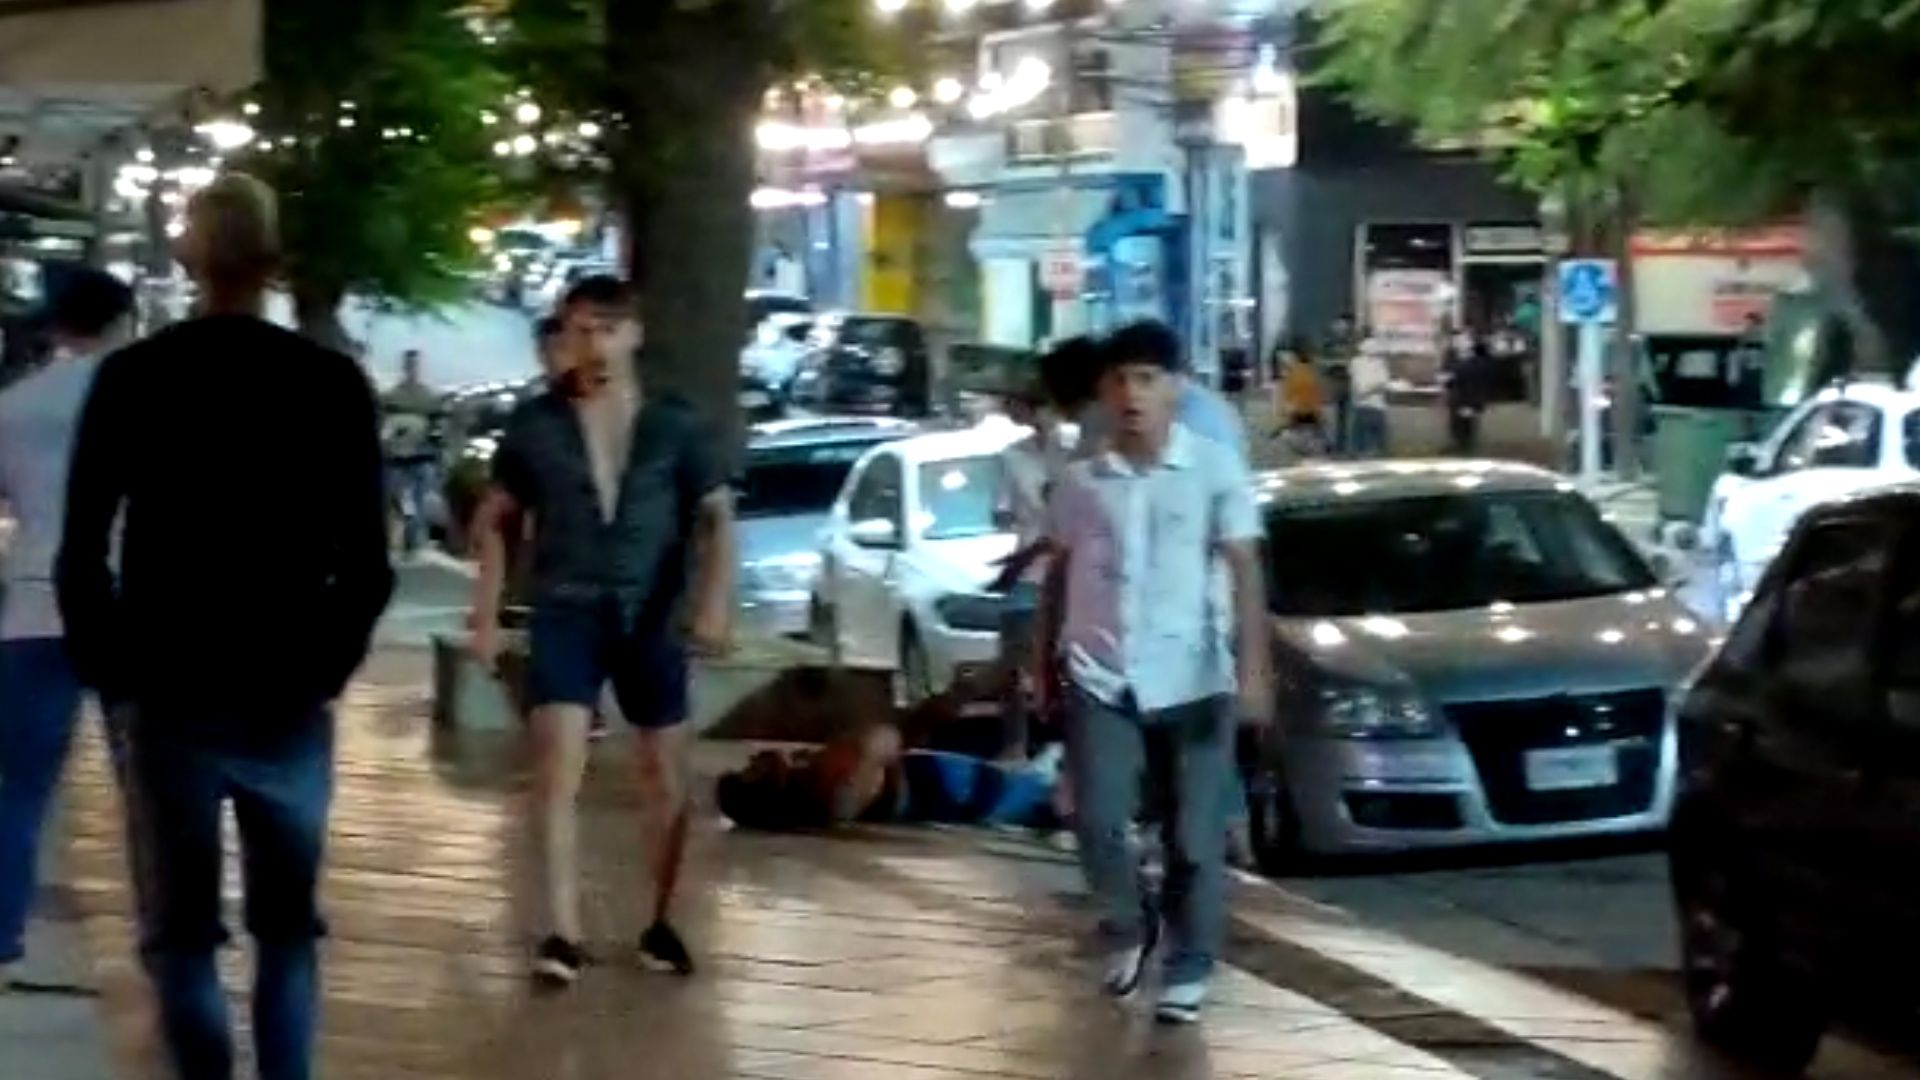 Un video de un testigo de la golpiza registró los últimos minutos de la salvaje agresión al joven